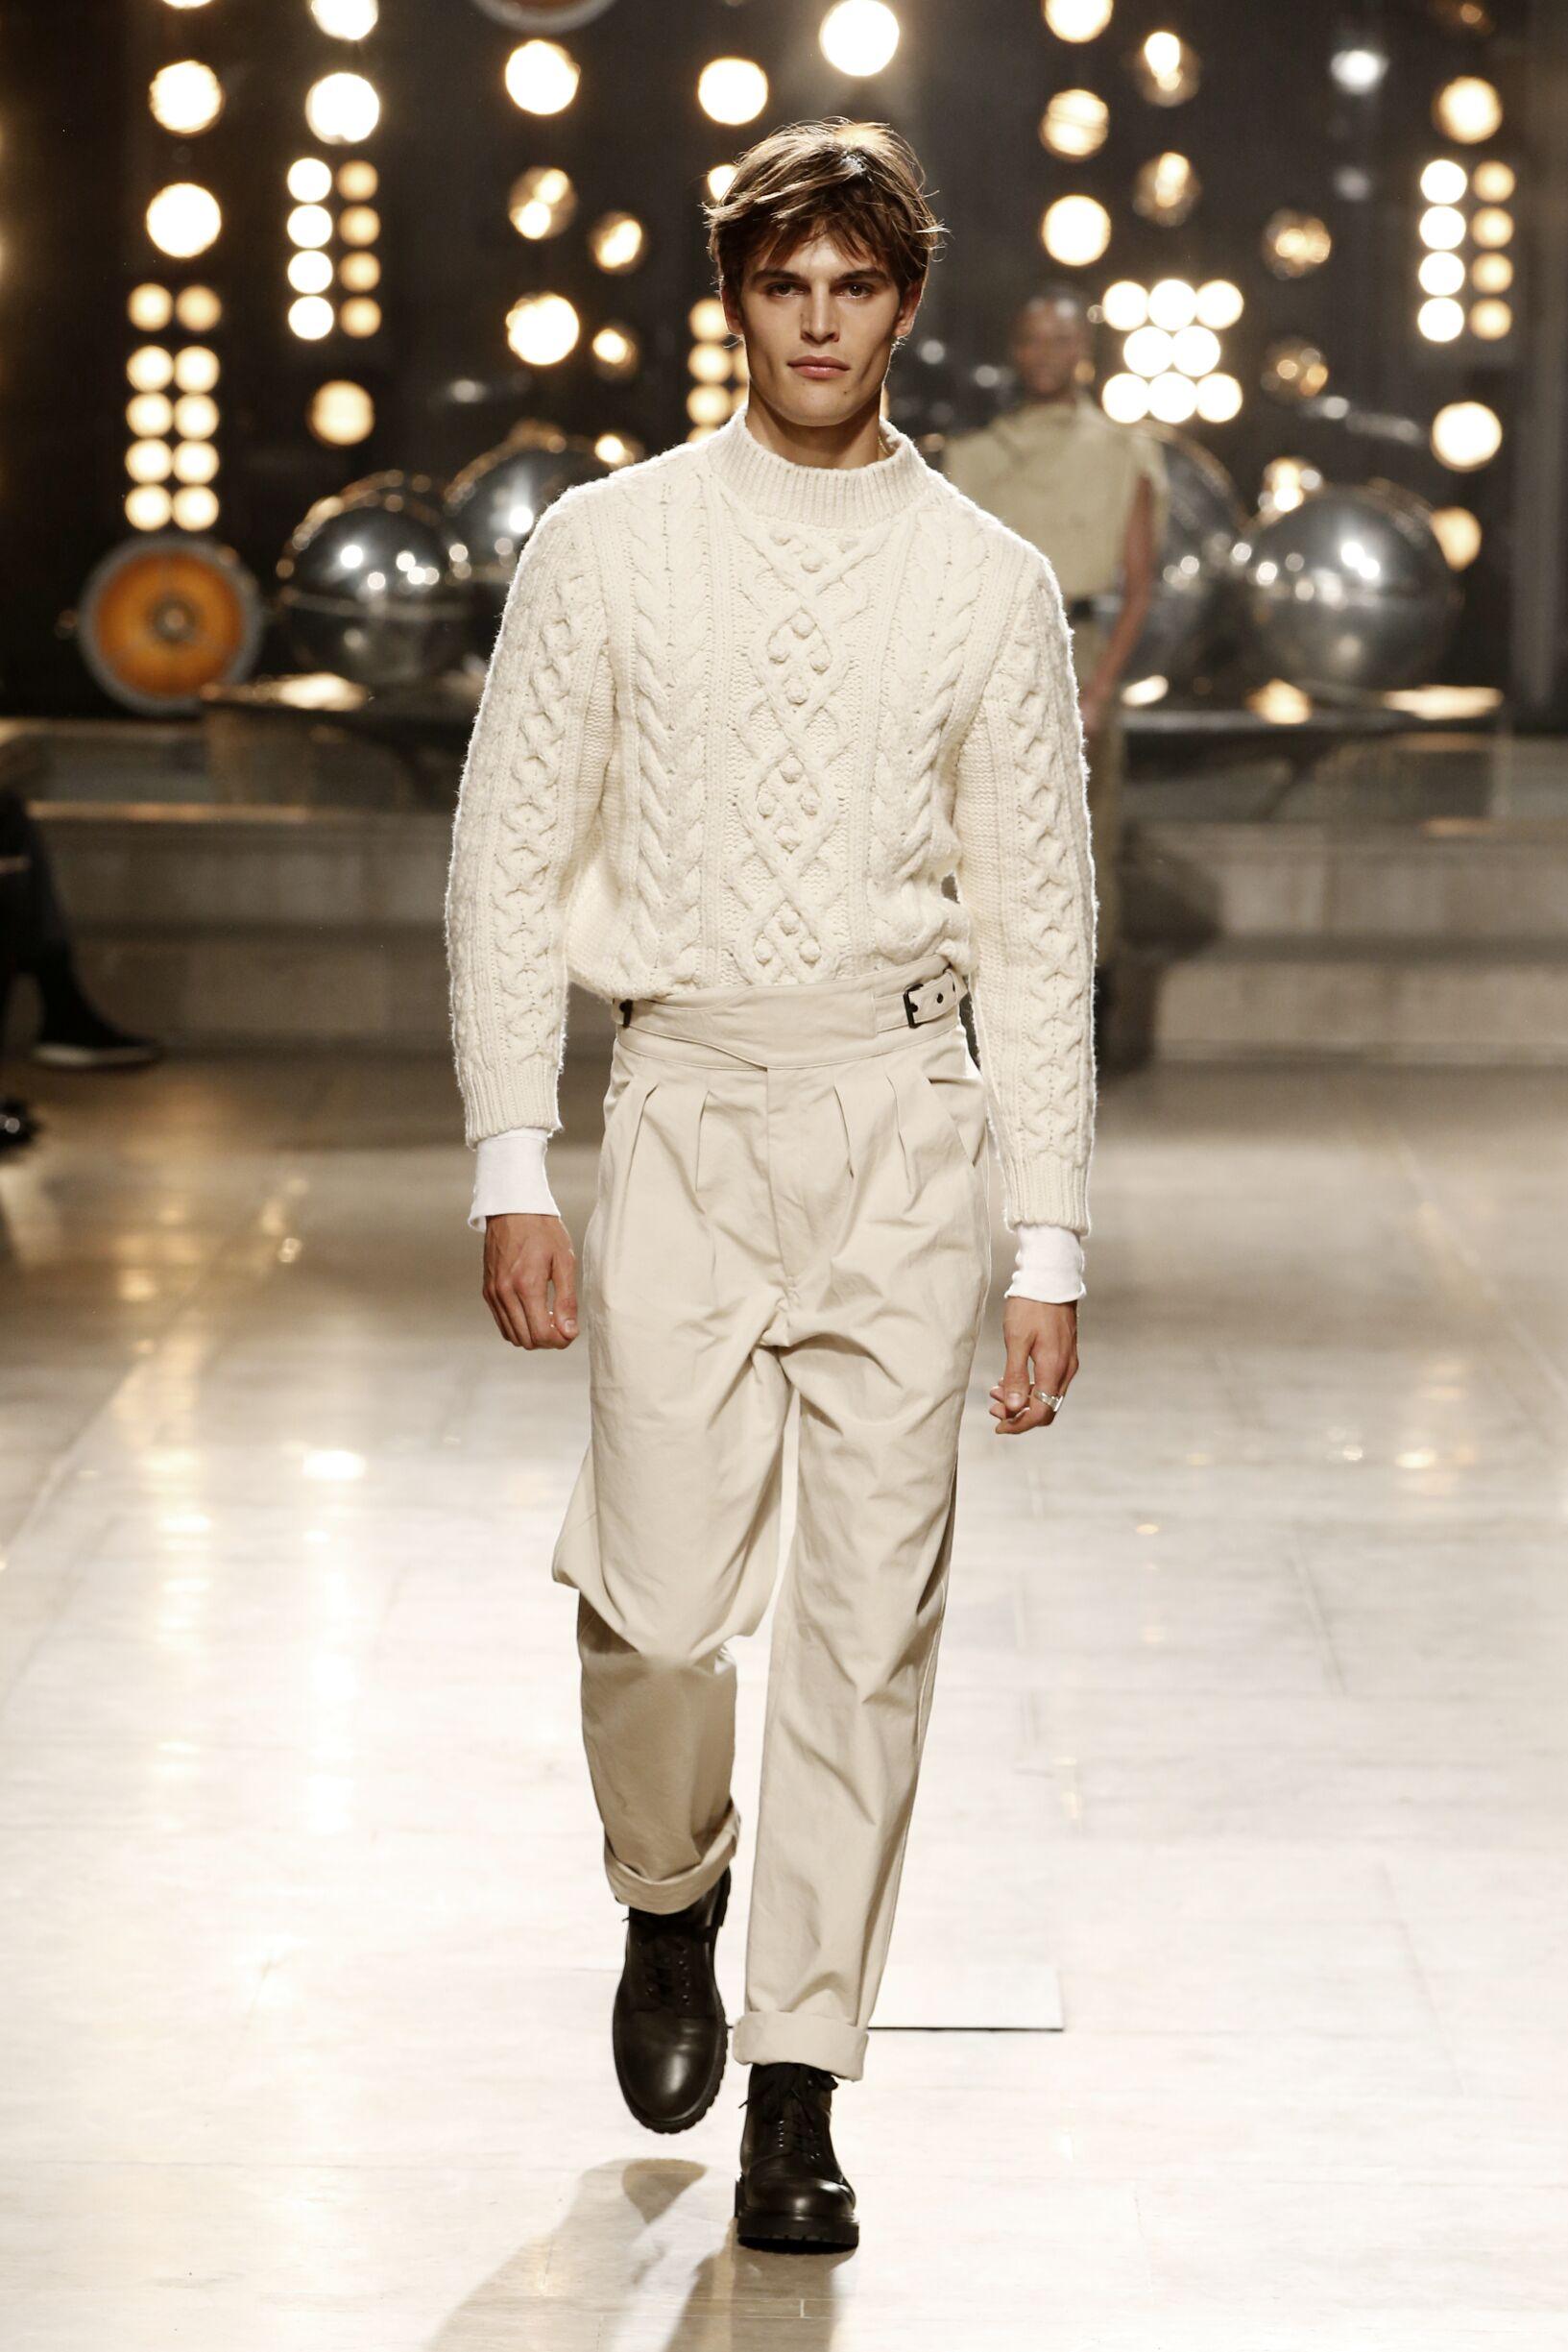 Fashion Model Isabel Marant Catwalk